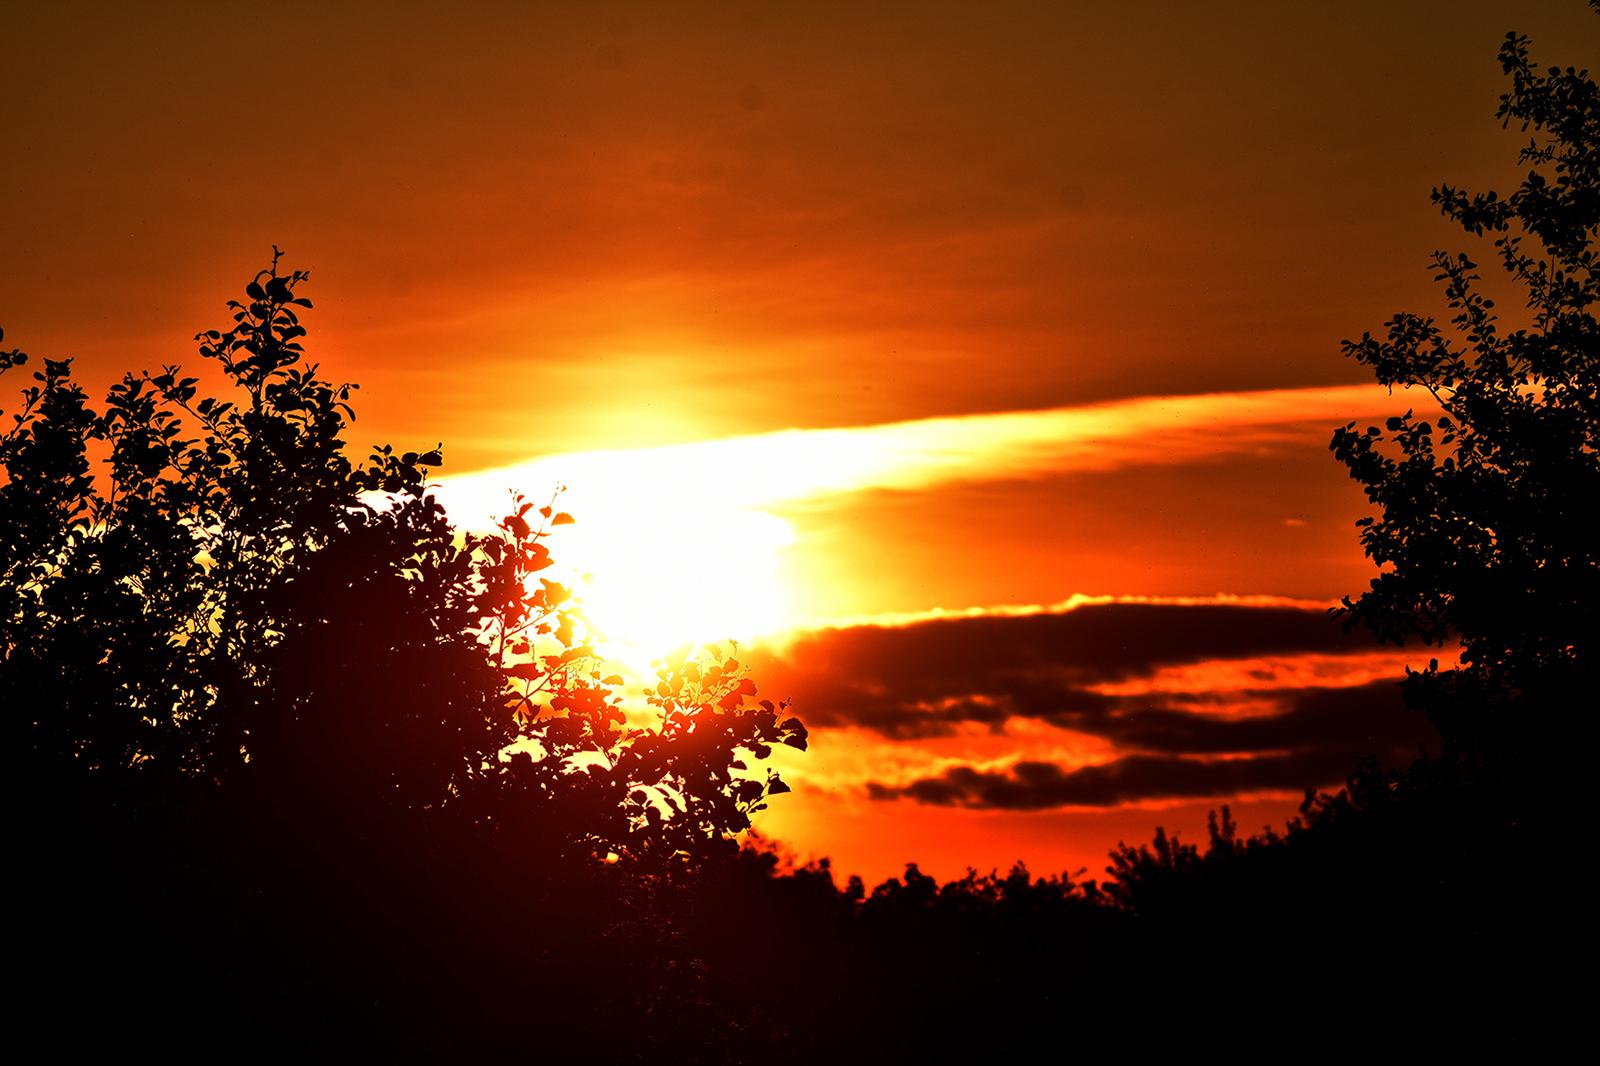 Een prachtige zonsopkomst op Eerste Pinksterdag - Foto: ©Louis Fraanje